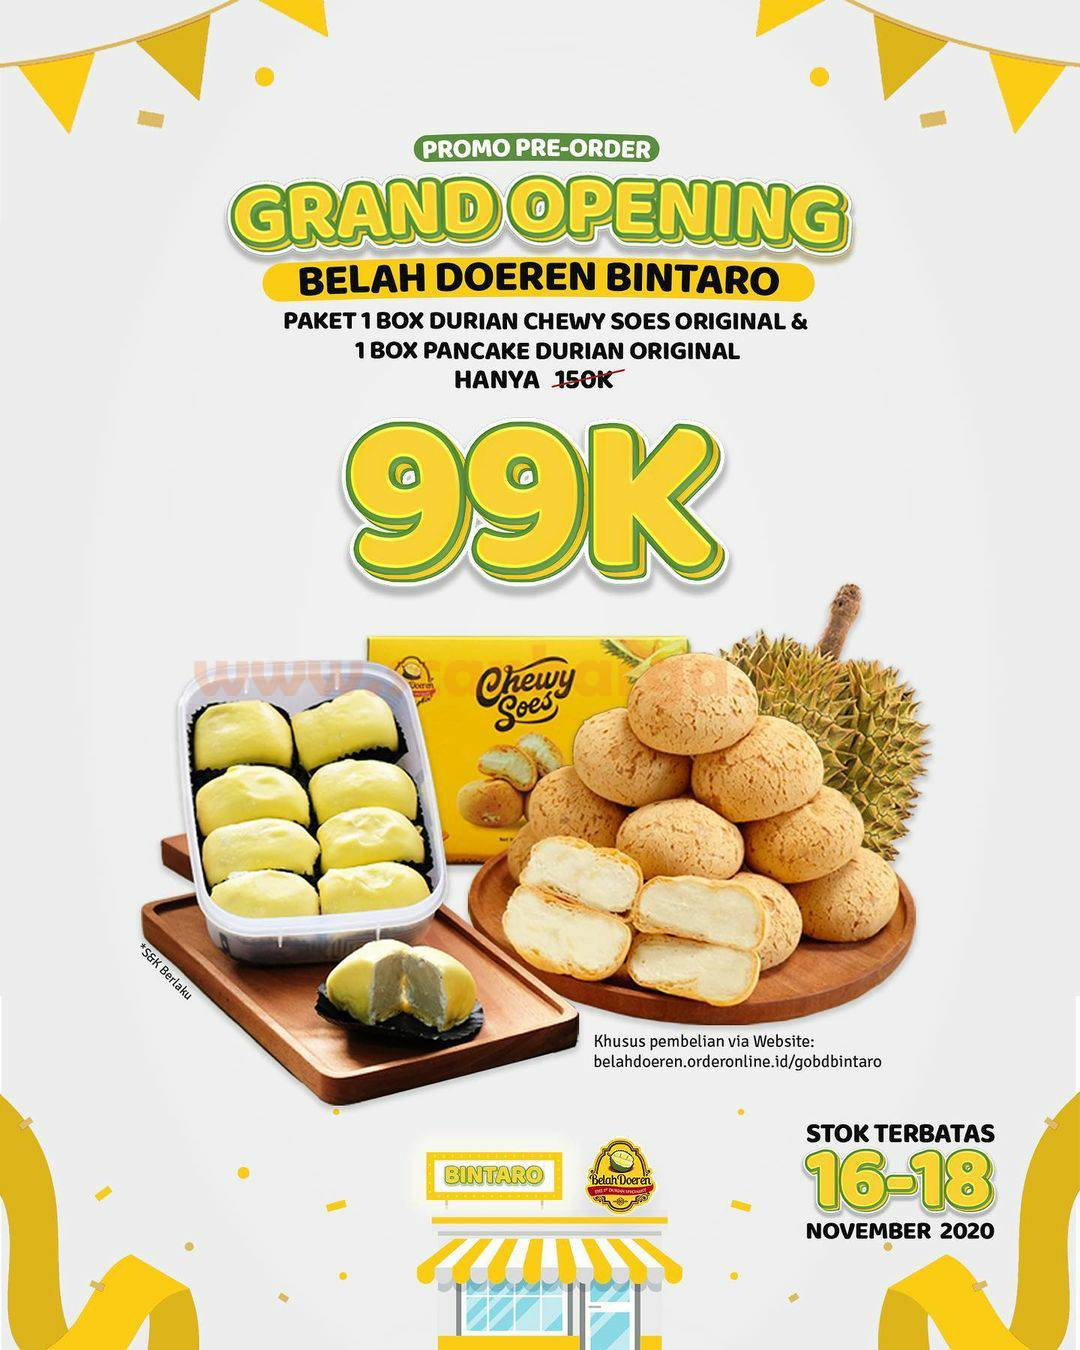 Belah Doeren Bintaro Promo PO Paket Chewy Soes & Pancake Durian Original cuma 99K